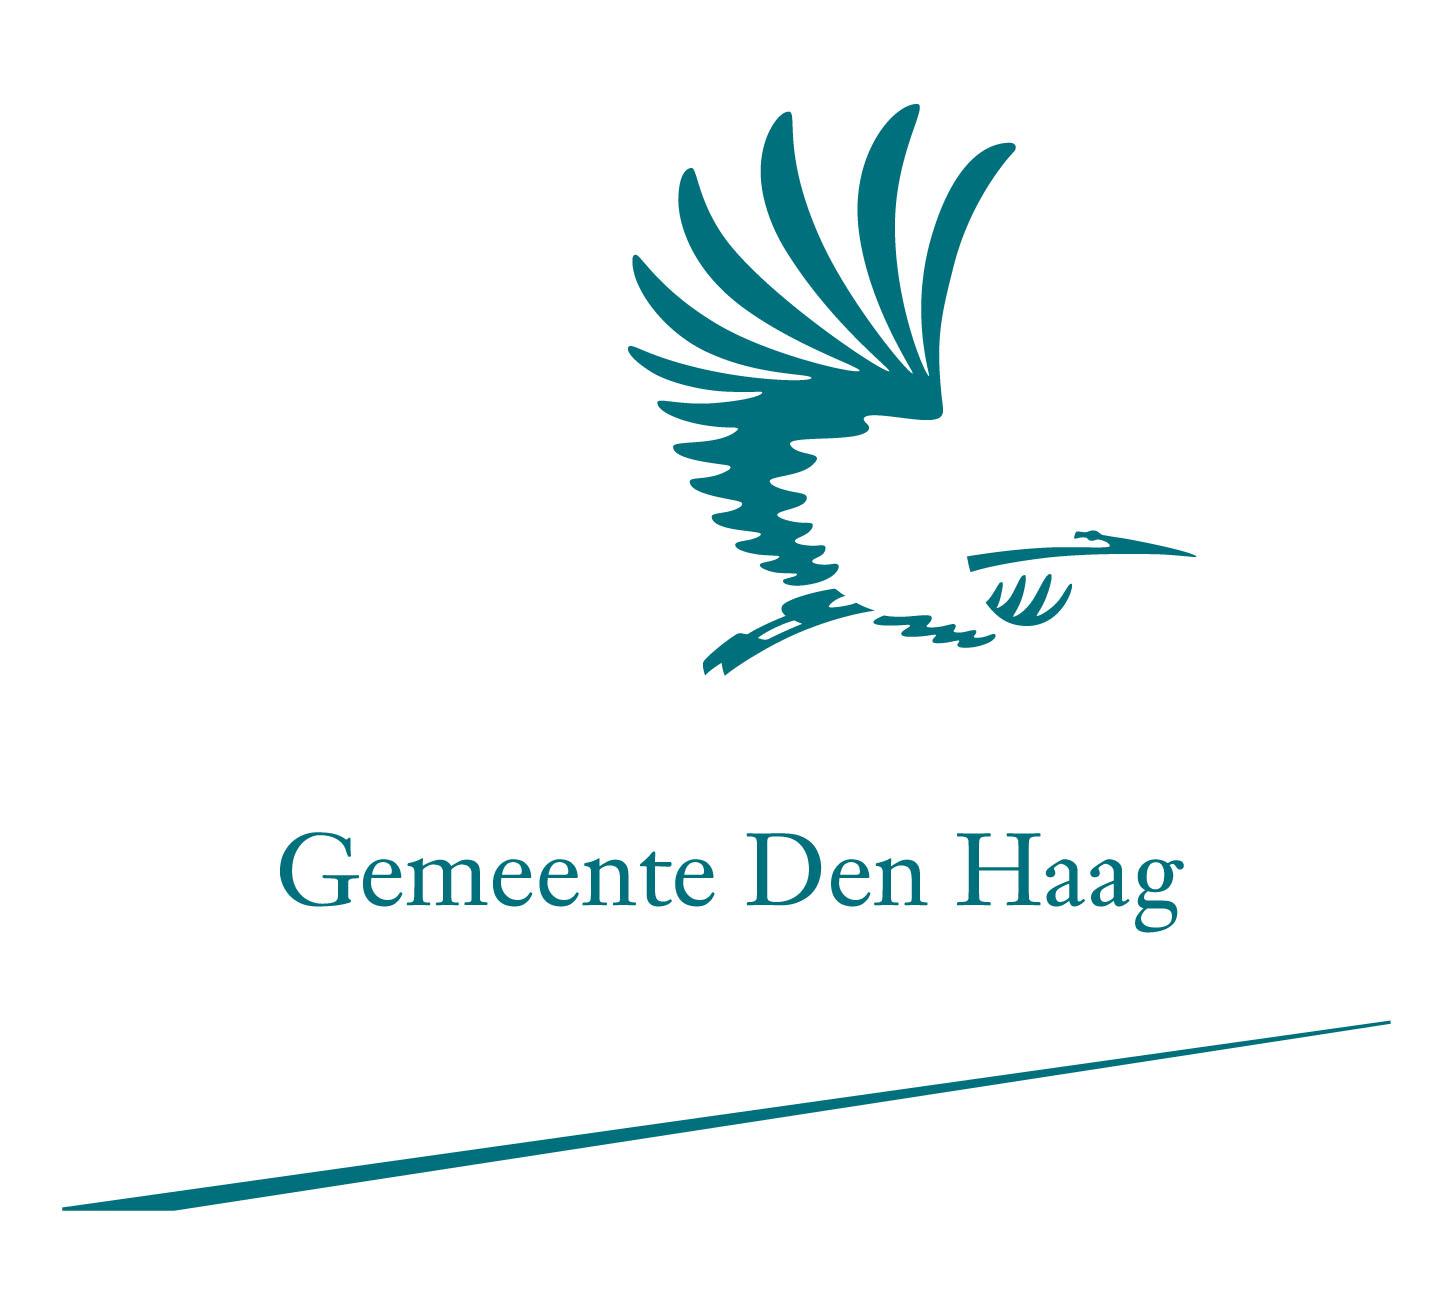 J. van Onselen - Gemeente Den Haag